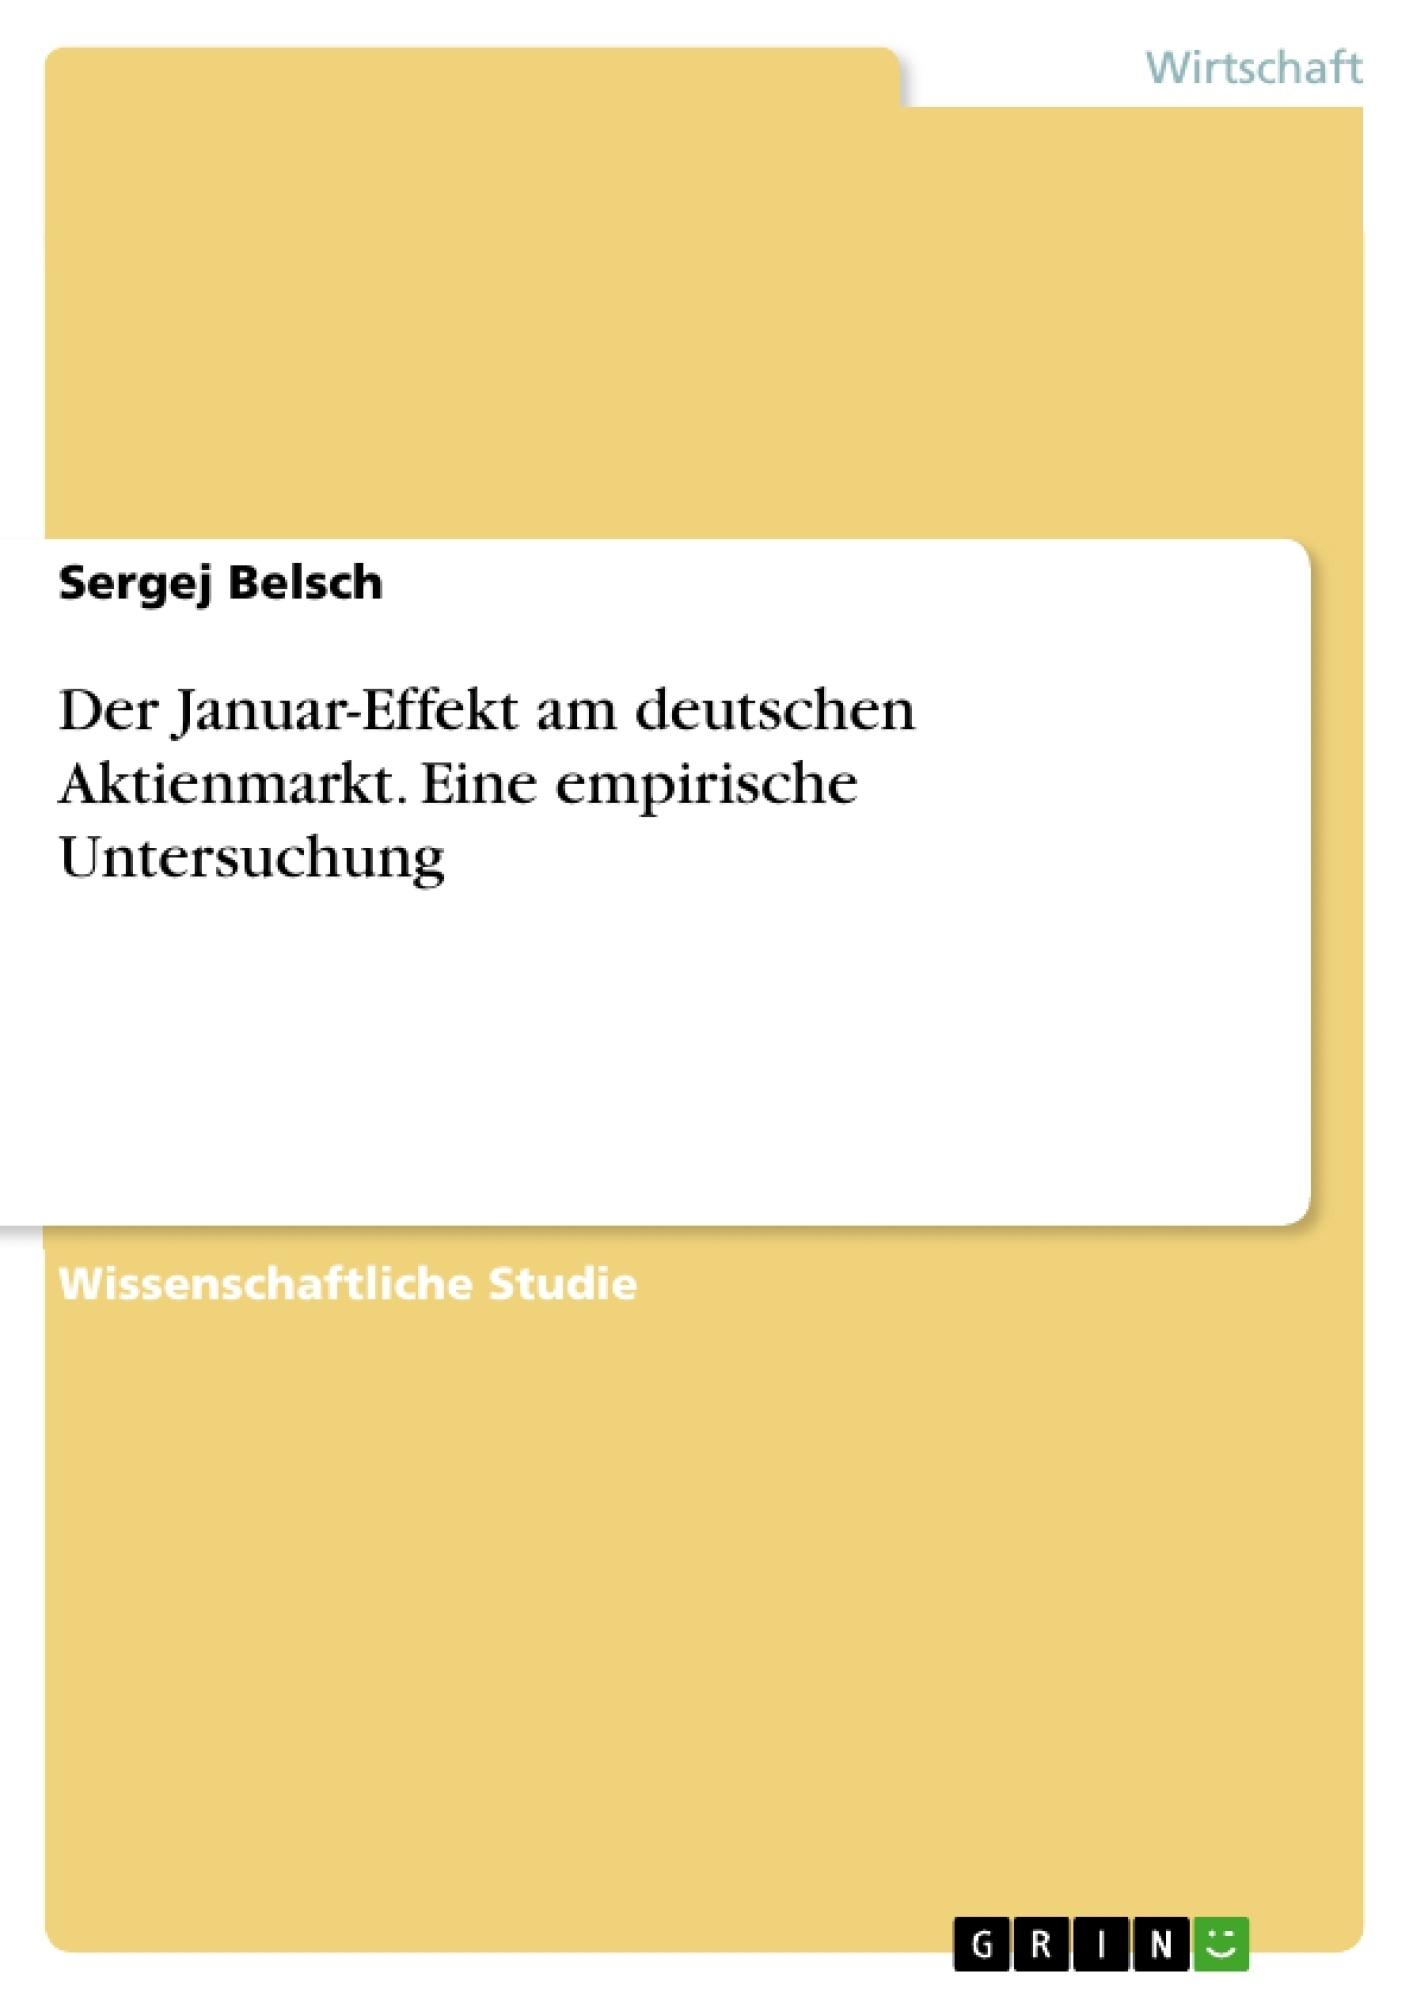 Titel: Der Januar-Effekt am deutschen Aktienmarkt. Eine empirische Untersuchung